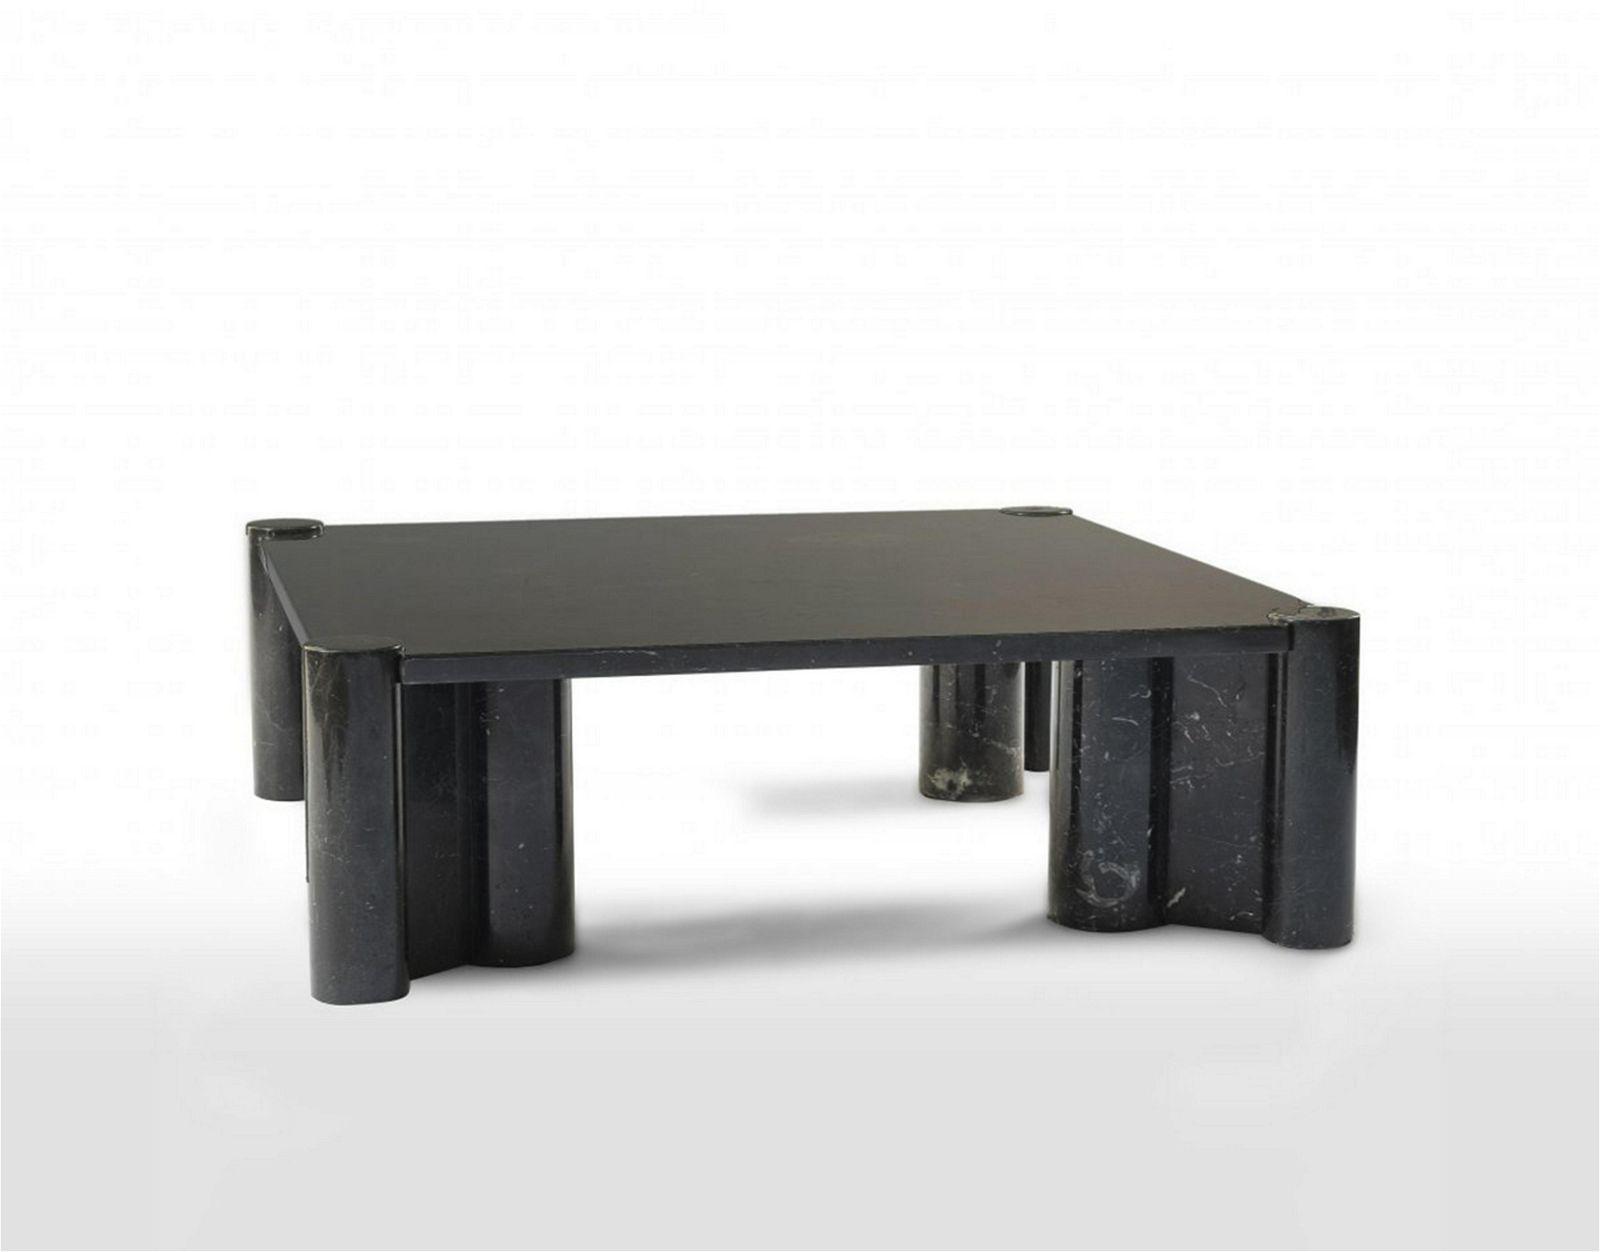 Gae Aulenti, 'Jumbo' coffee table, 1964